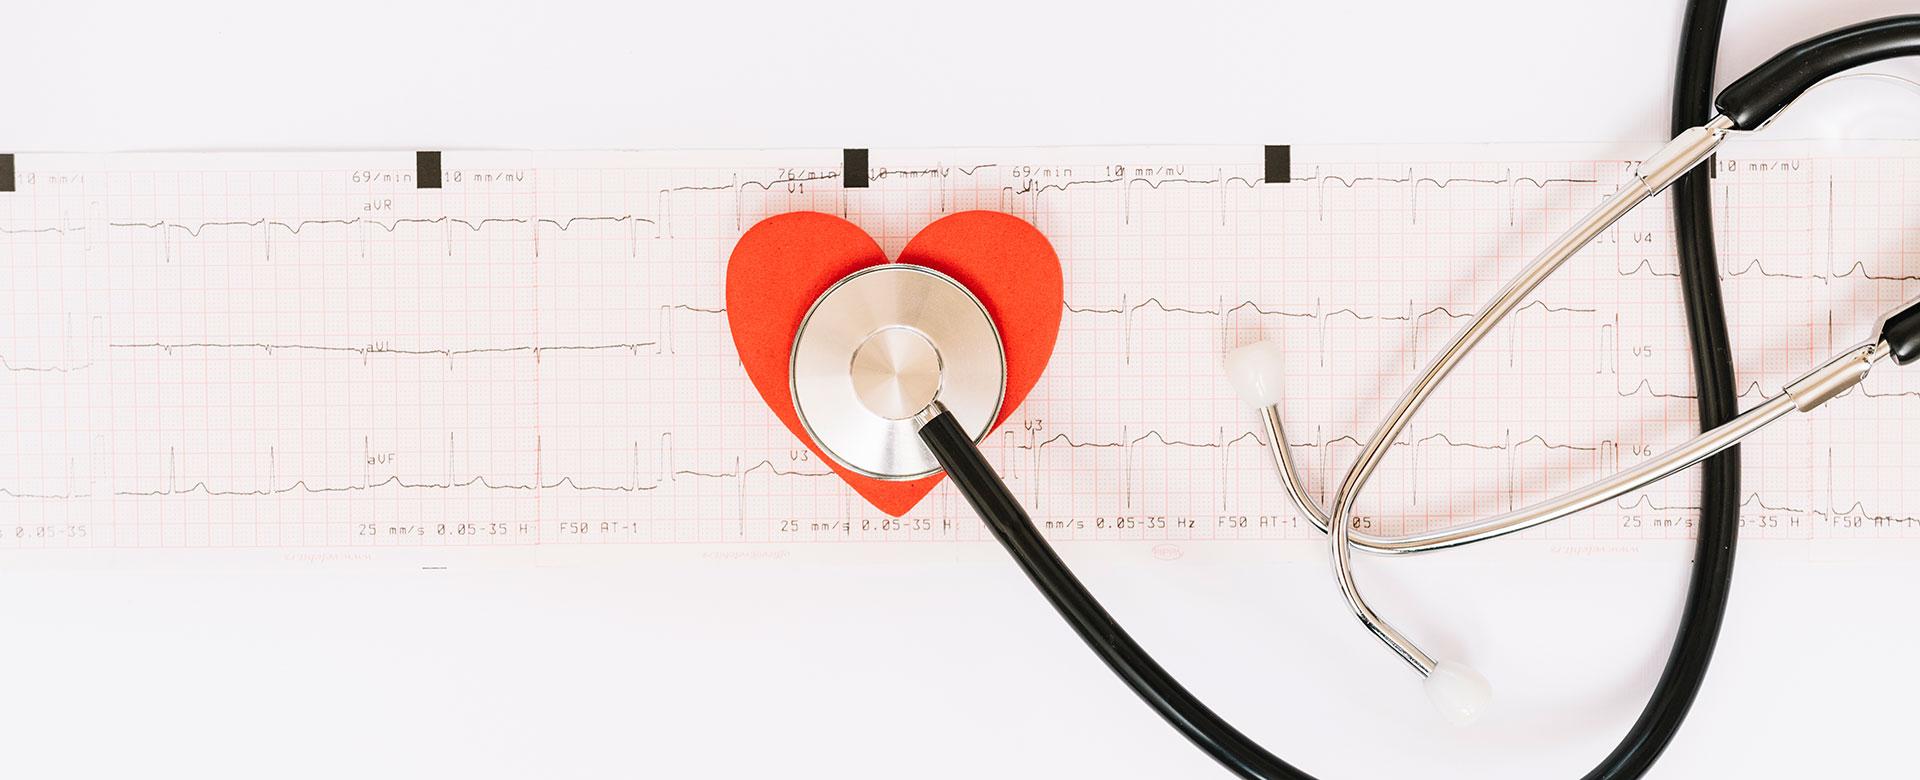 Γεώργιος Χρήστου - Καρδιολόγος - Εργομετρικό Κέντρο